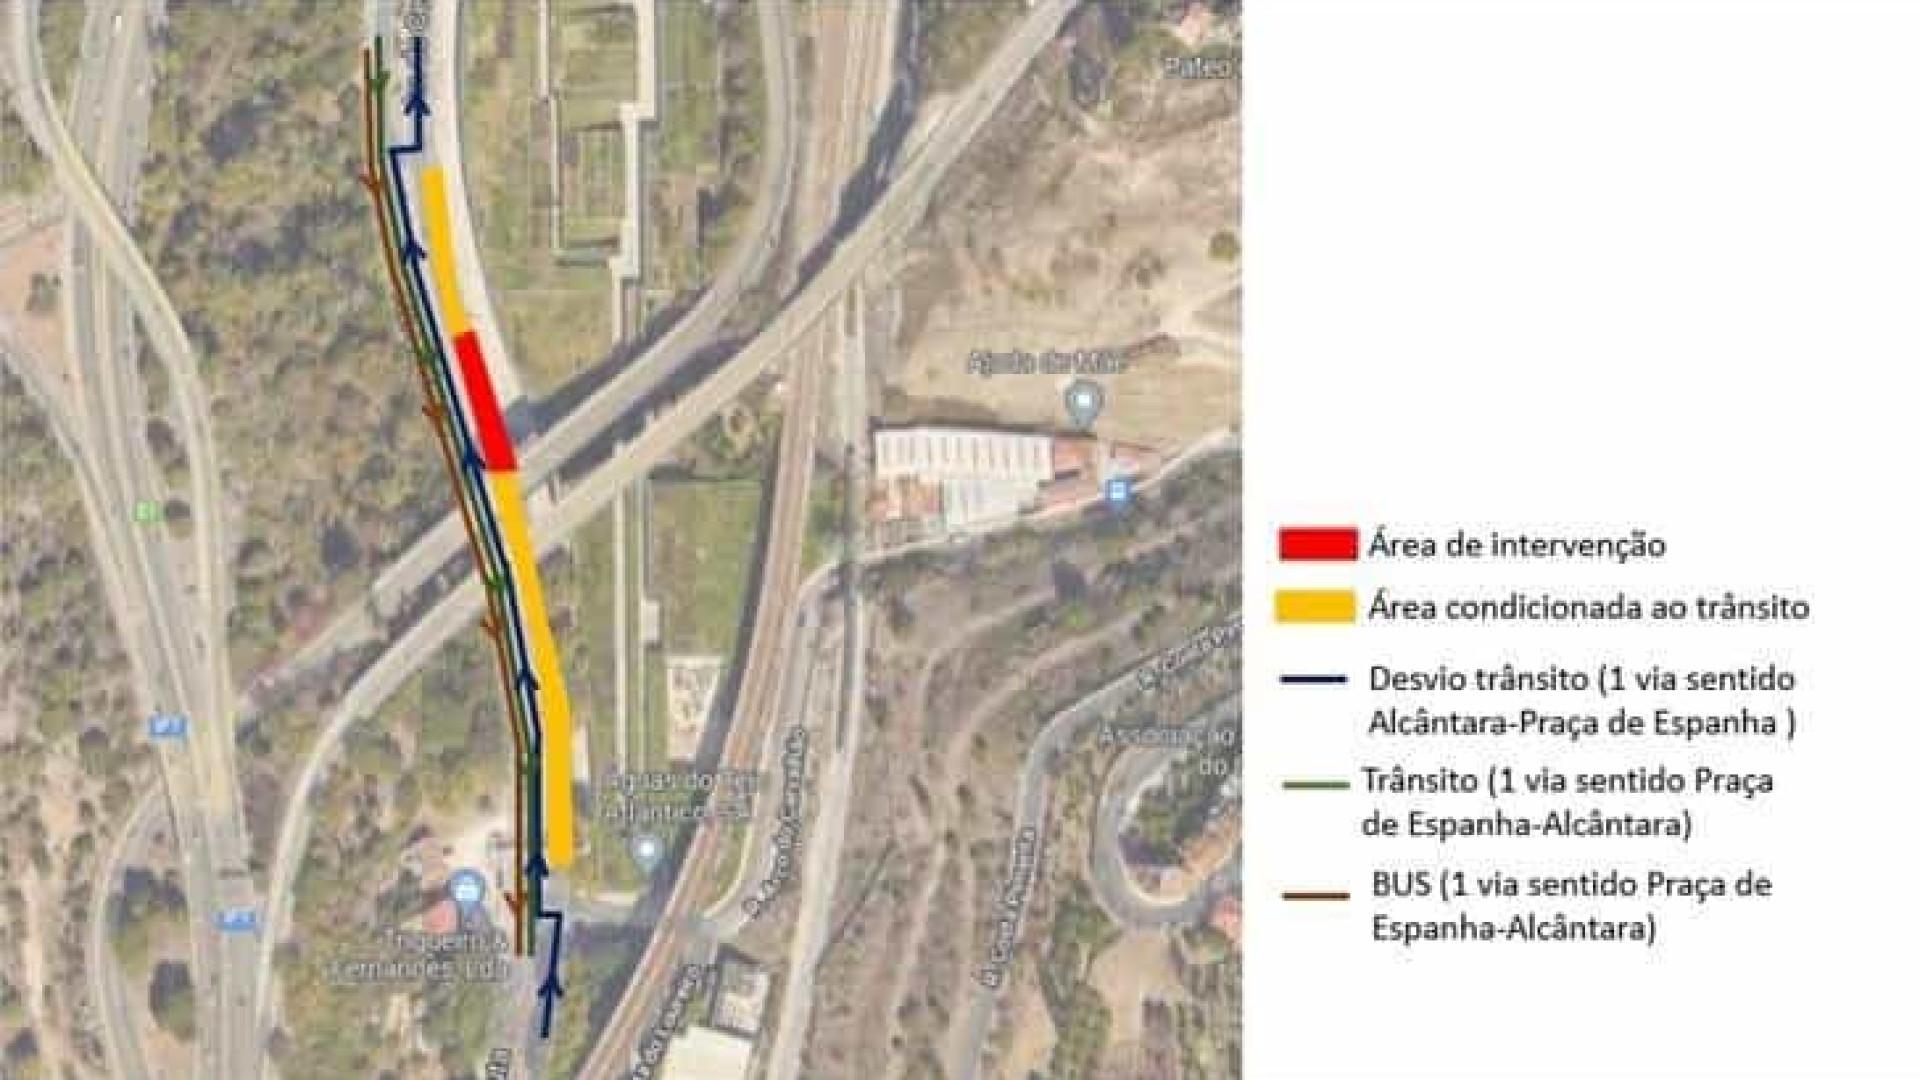 Atenção, desvio na Av. de Ceuta a partir de hoje. Obras vão durar 7 meses